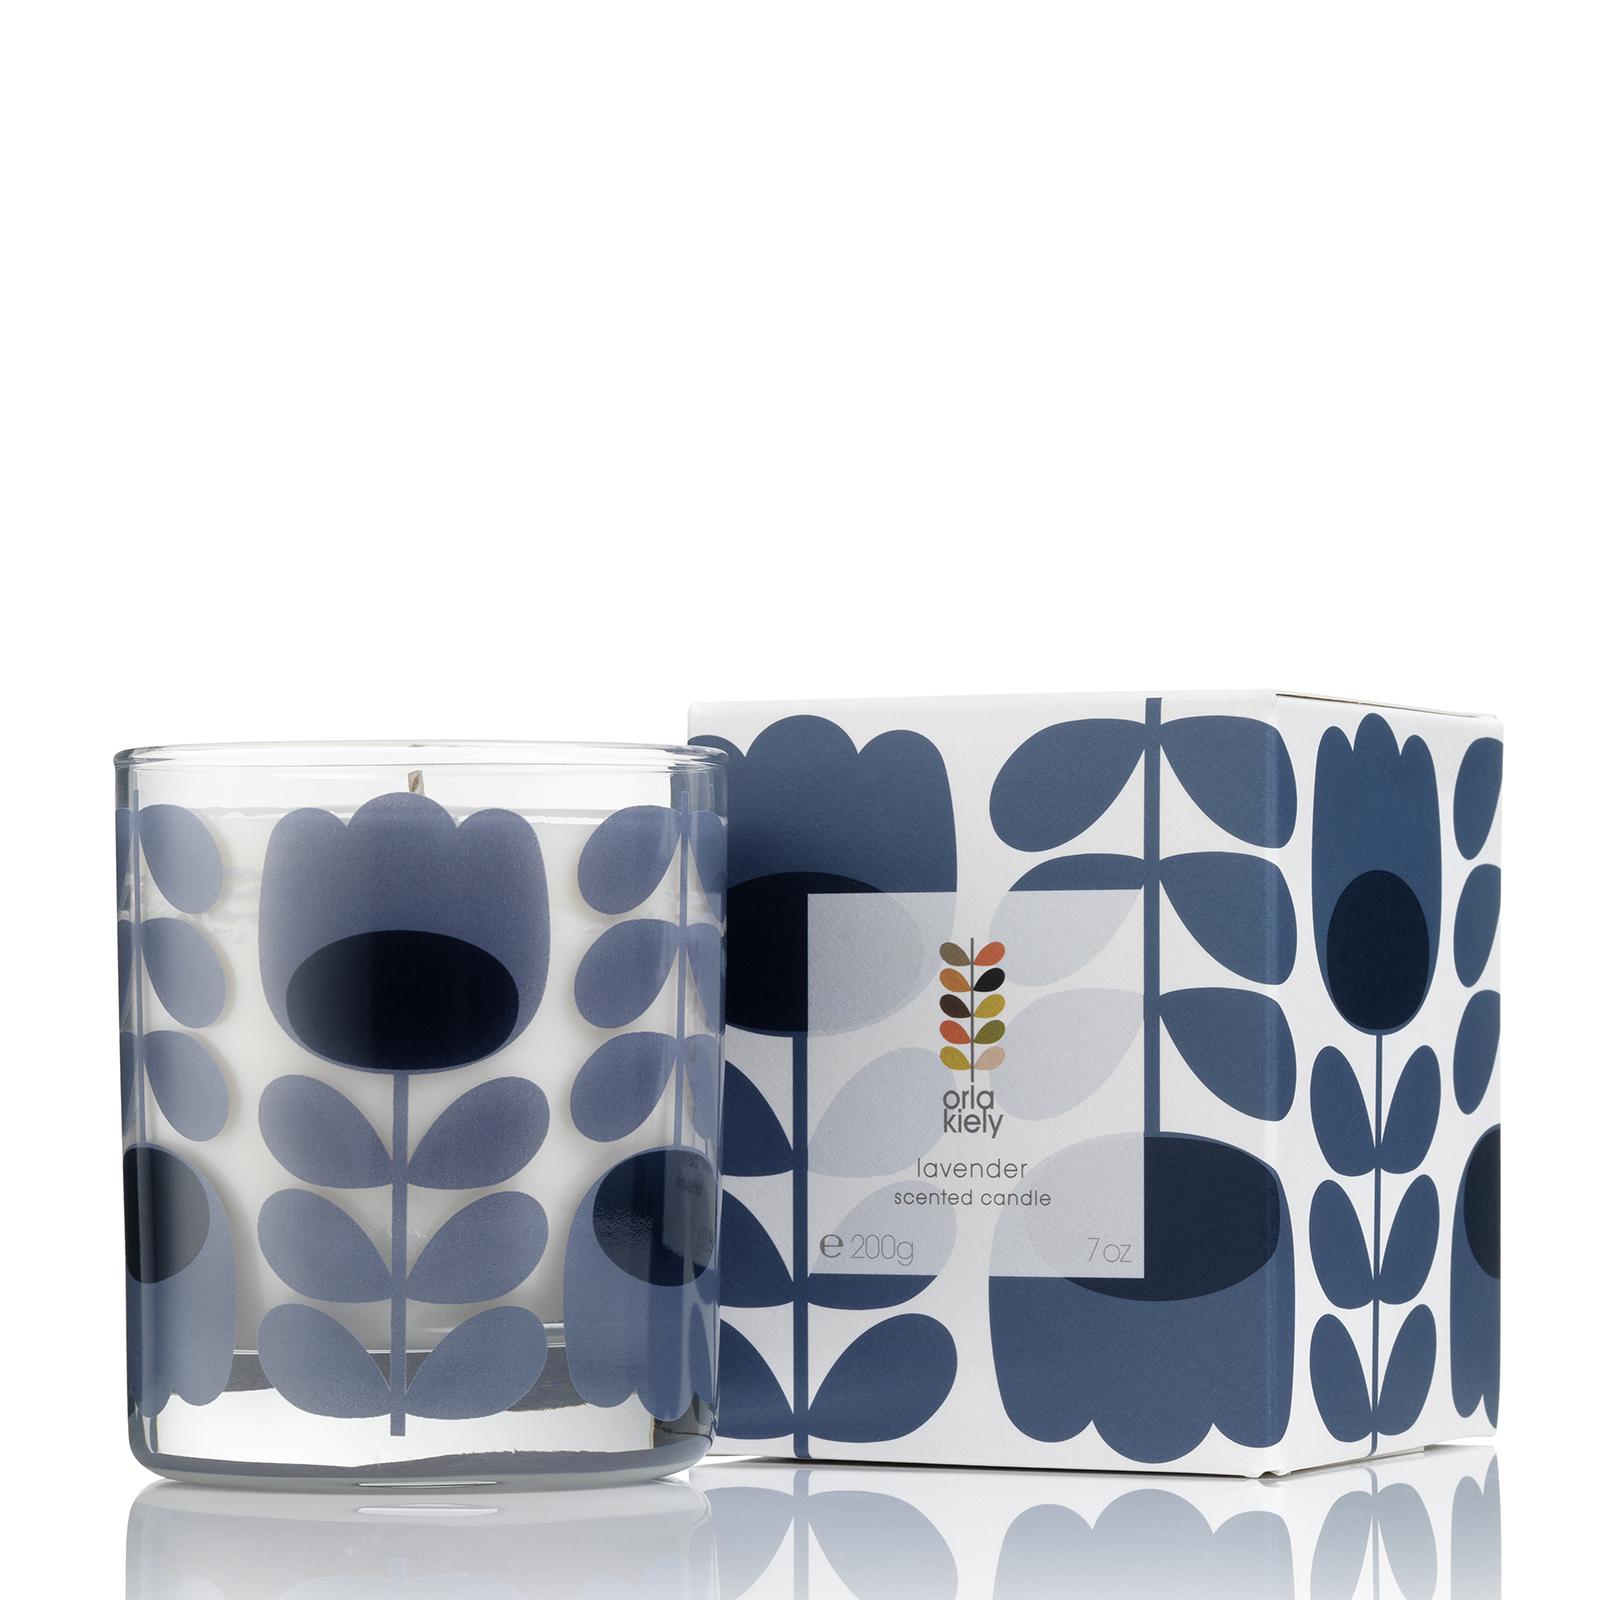 I Love Orla Kiely: New Orla Kiely Candles and Diffusers